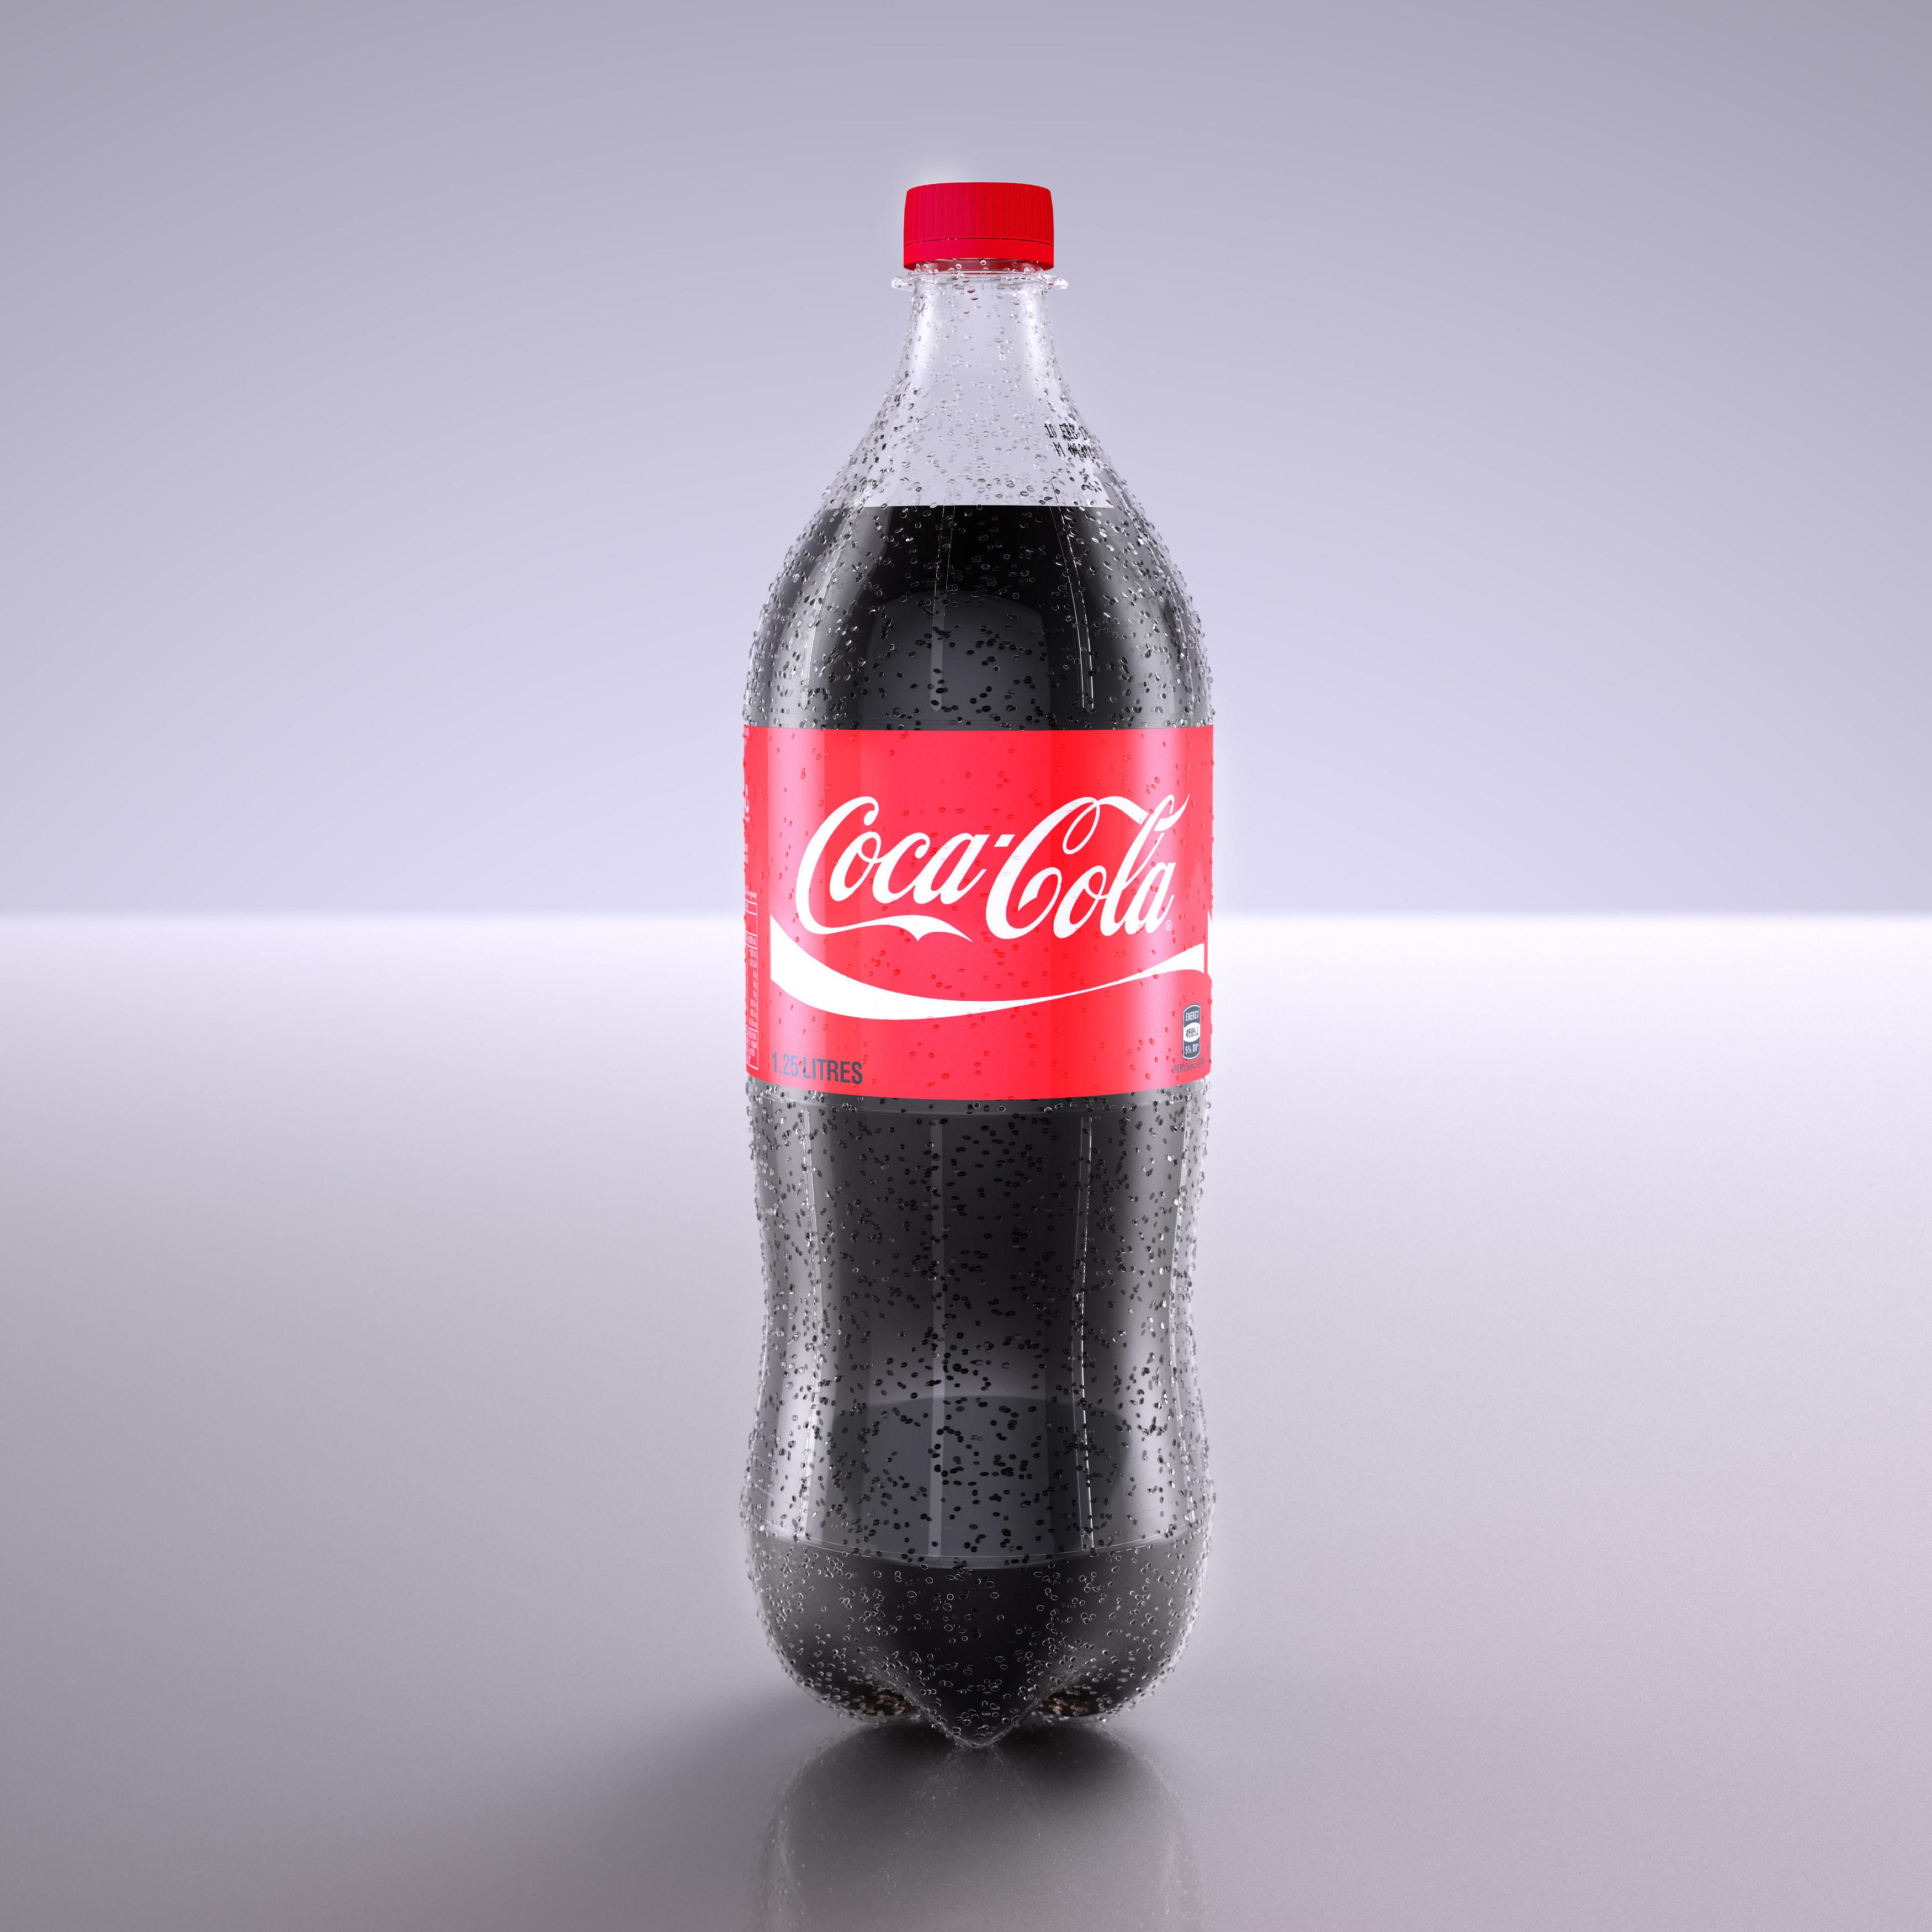 Coke Bottle Autodesk Online Gallery